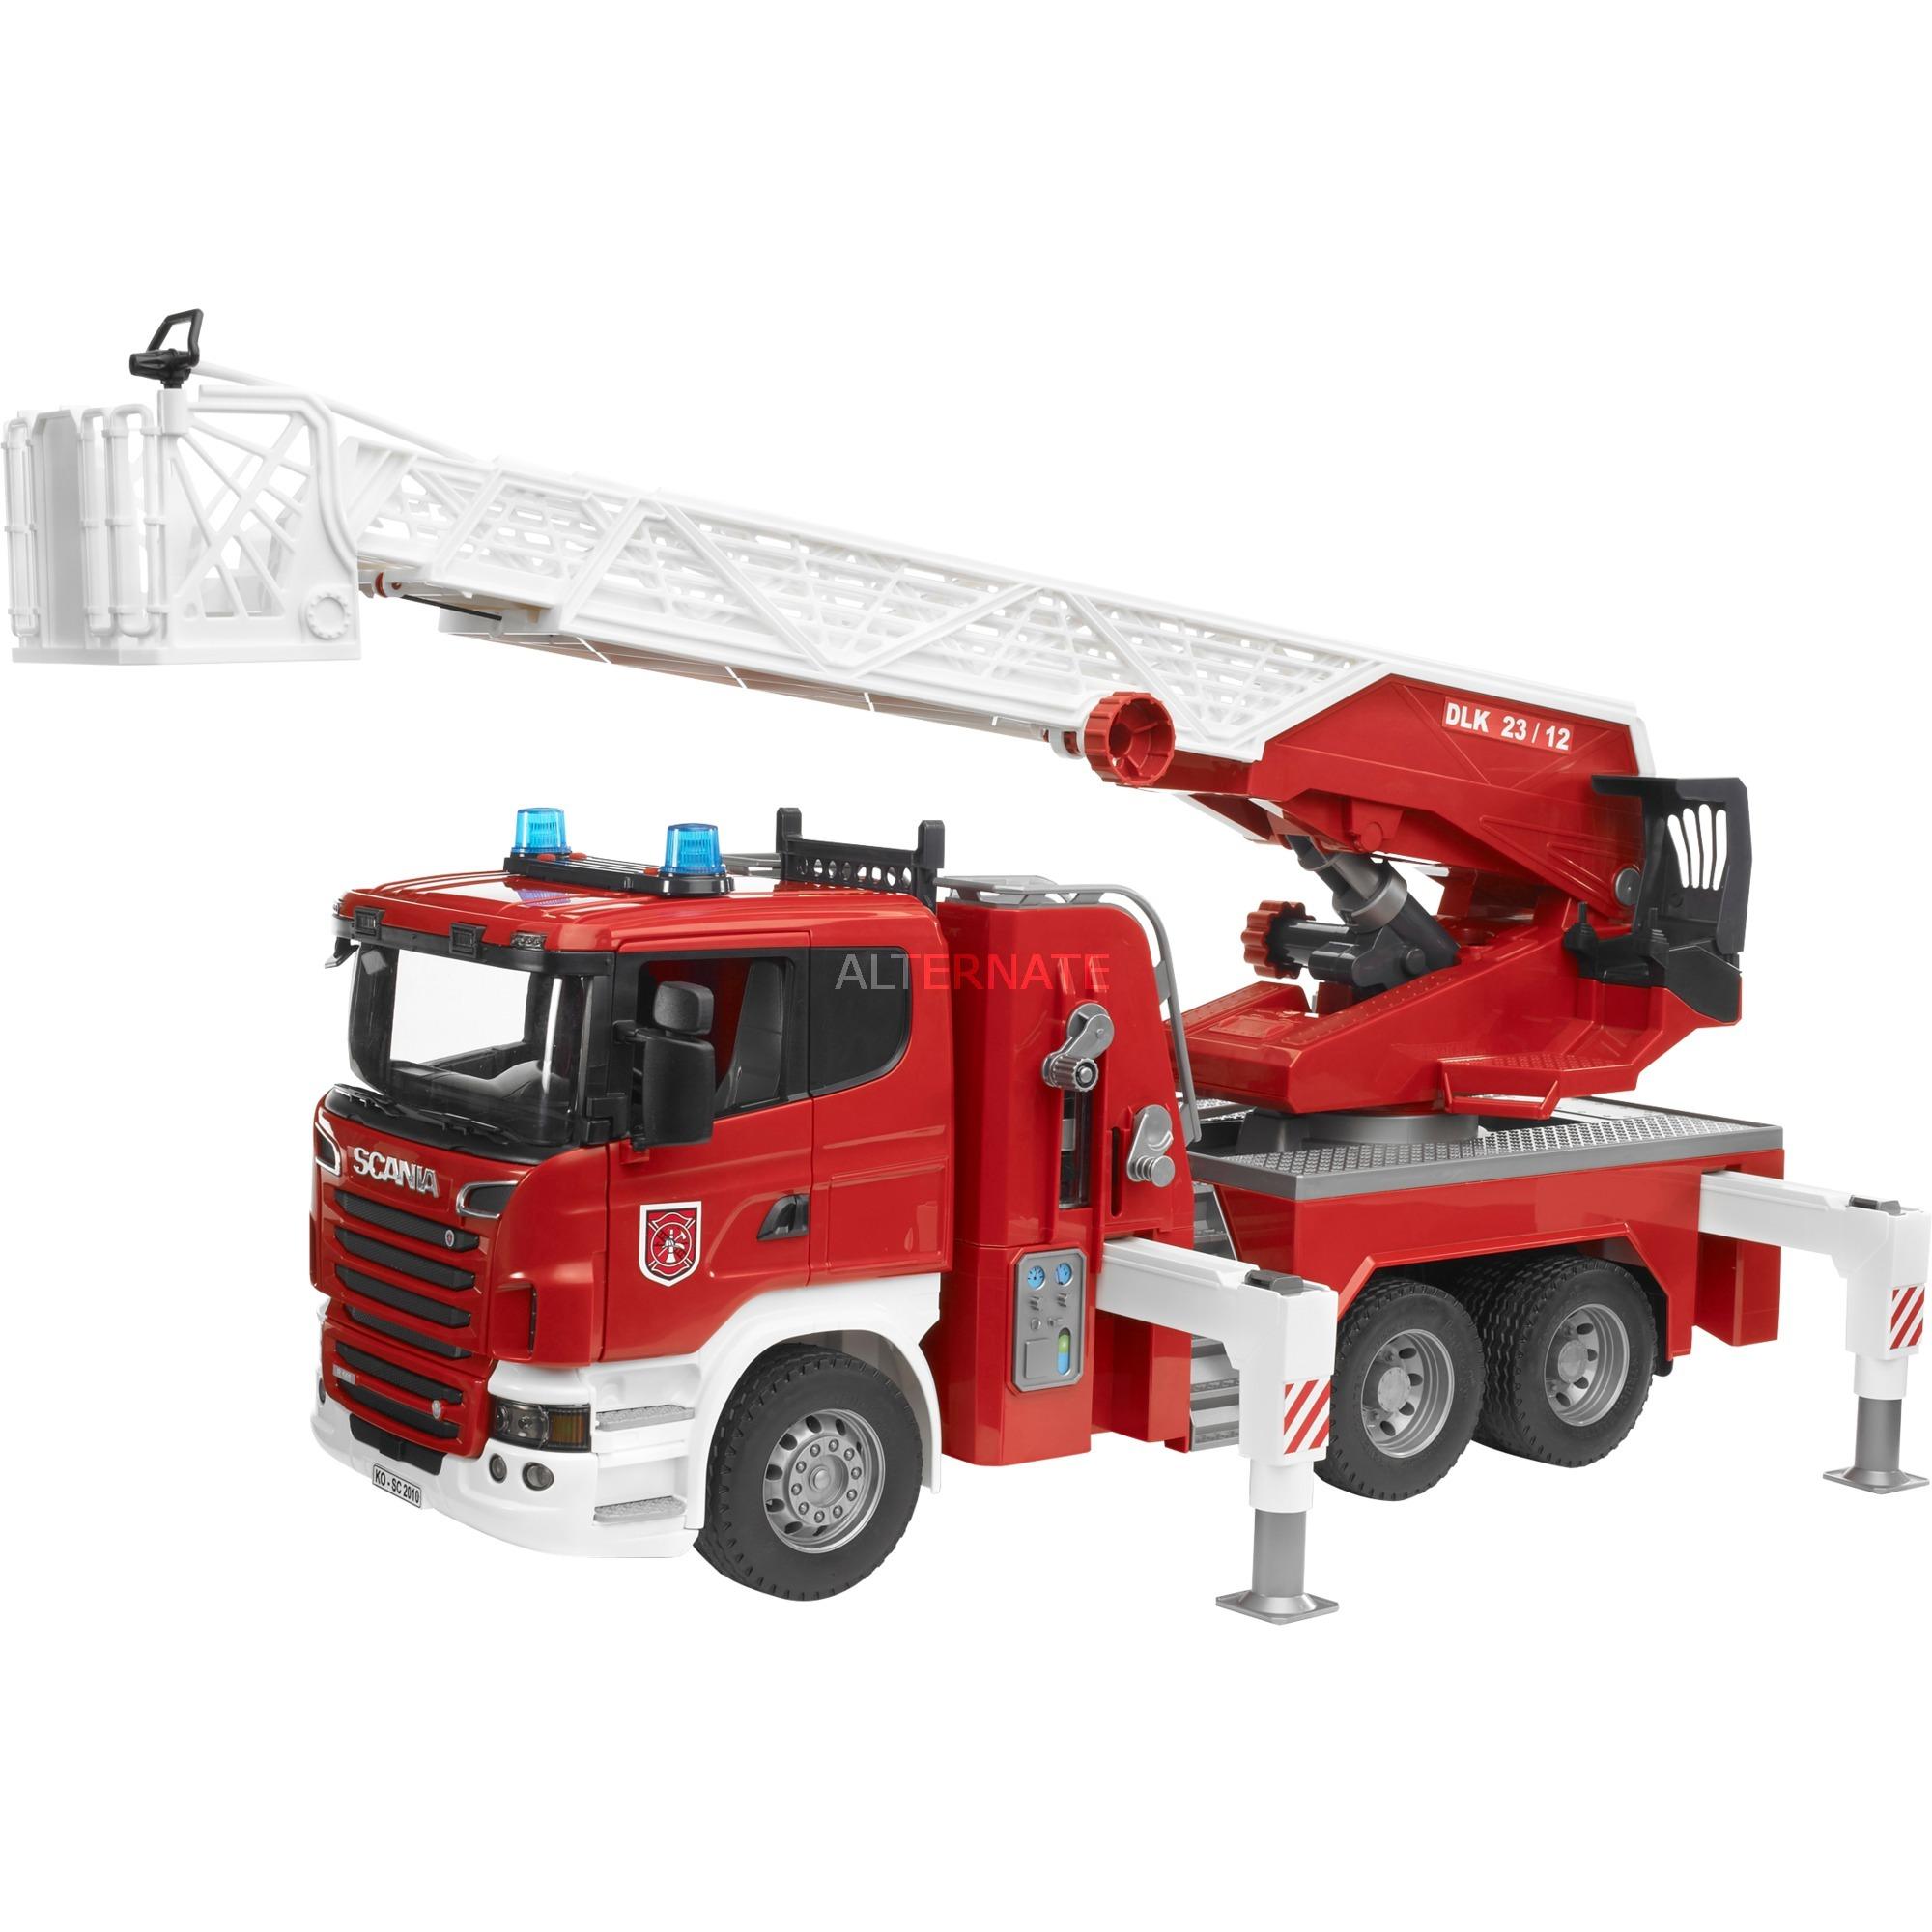 Véhicule Miniature - Camion - Pompier Scania R-Série avec Echelle et Pompe à Eau Fonctionnelles - Module Son et Lumière, Modèle réduit de voiture